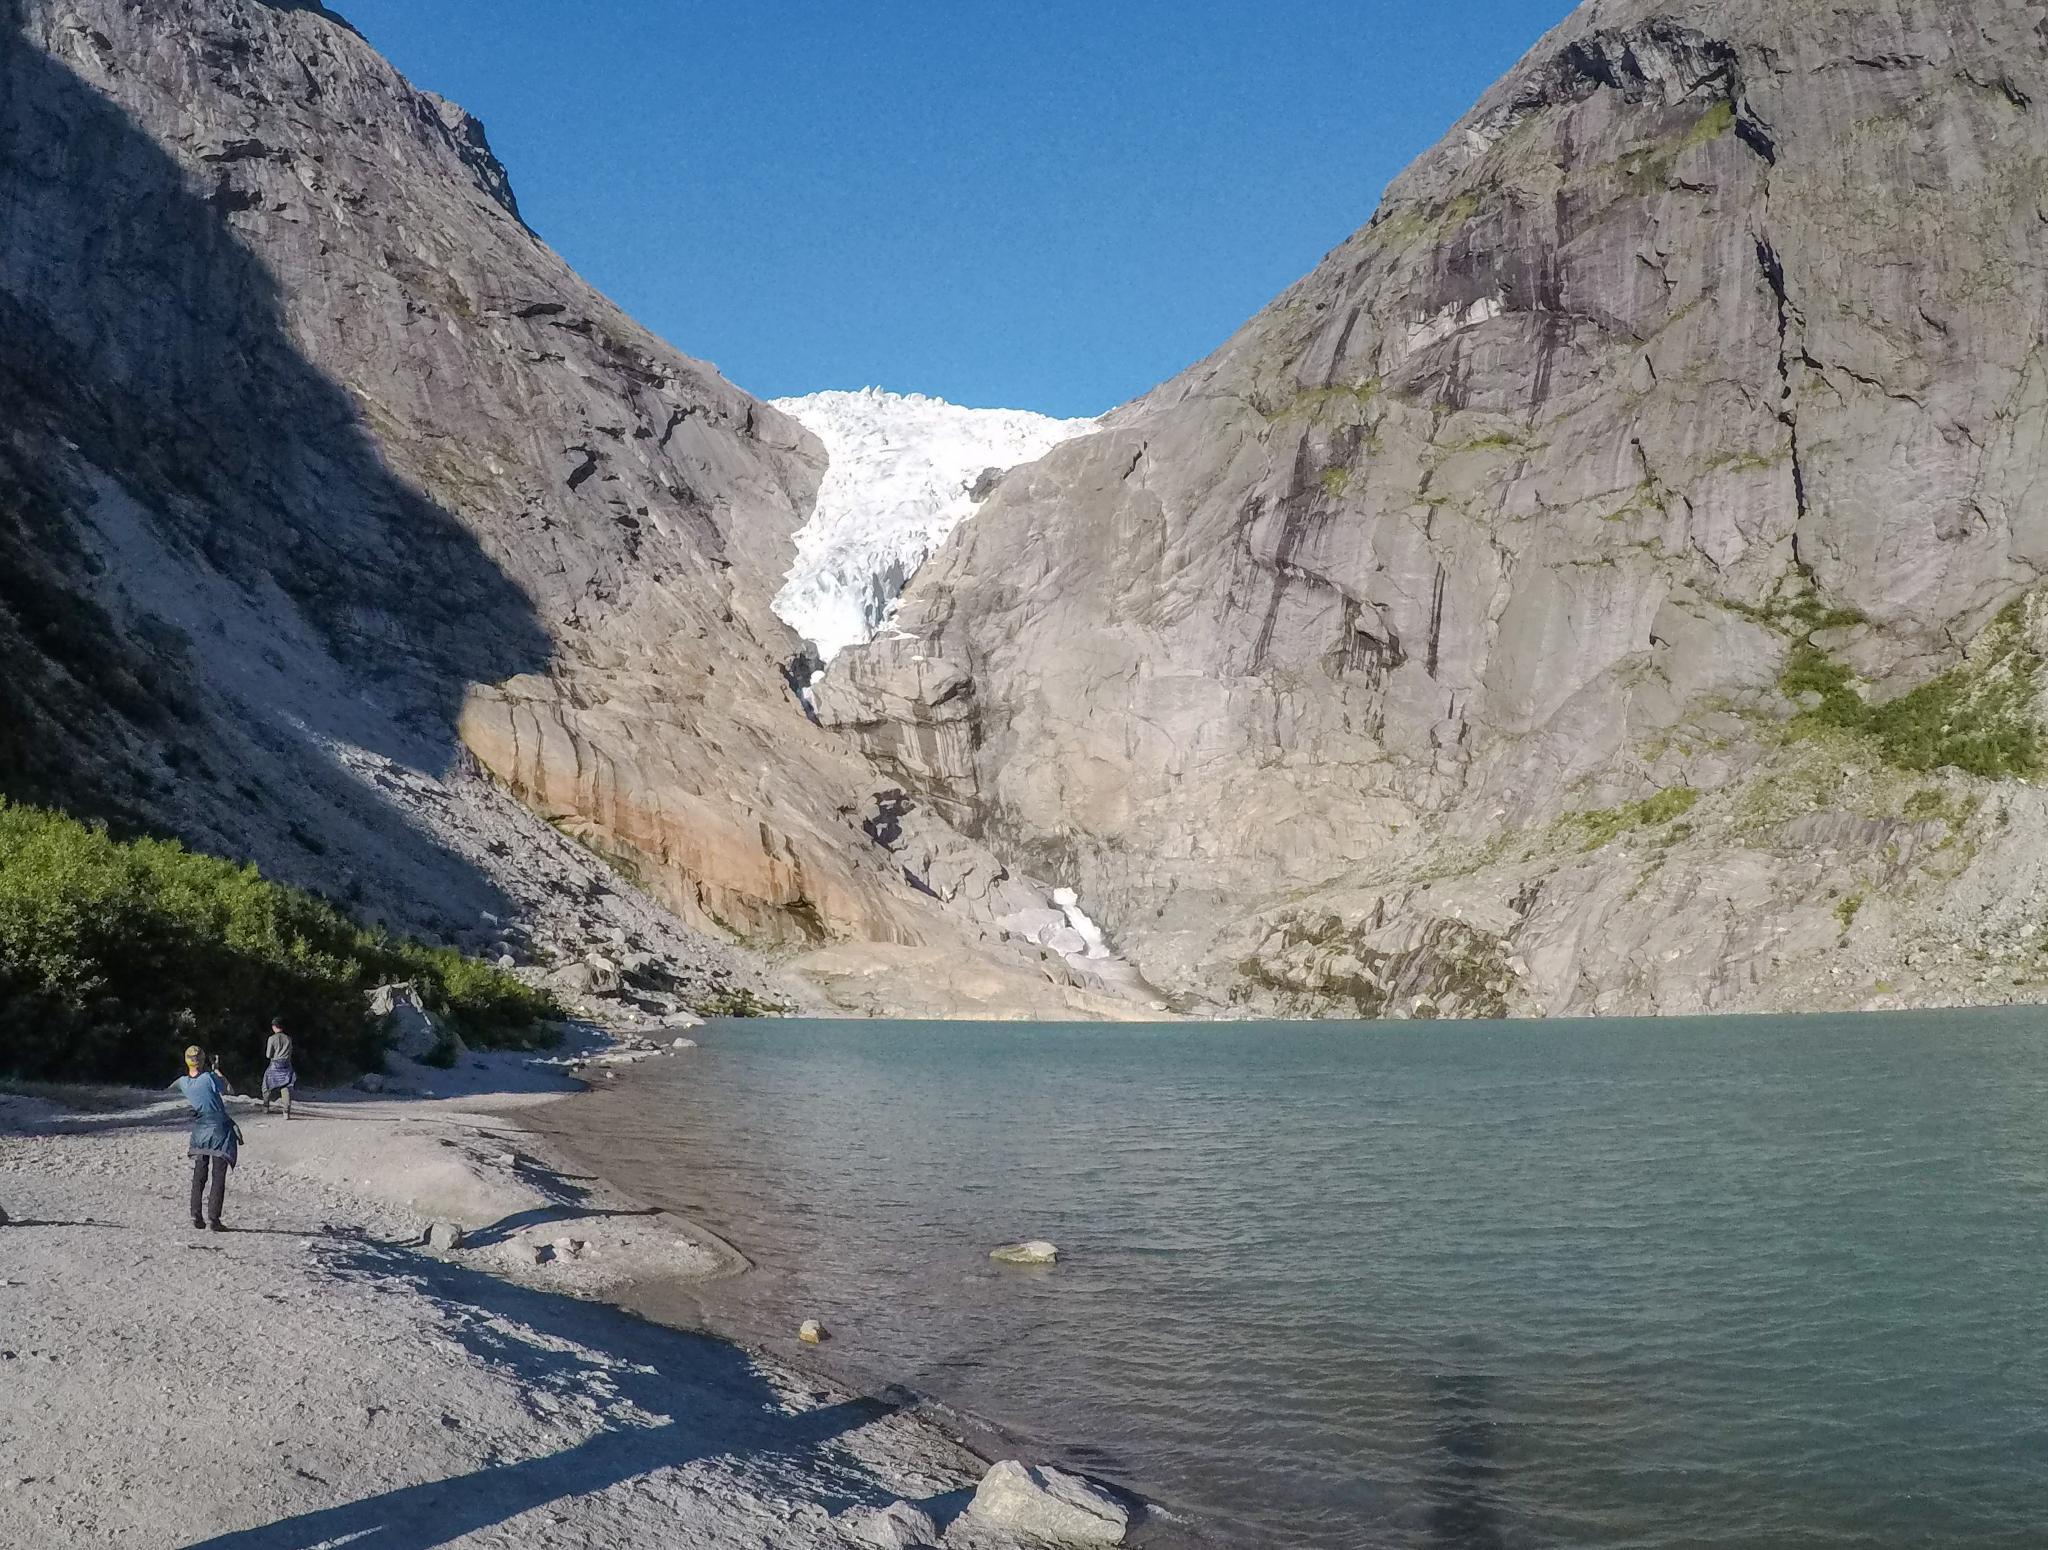 【北歐景點】挪威散步看冰川 - Briksdal Glacier 逐漸消融的冰河哀愁 9